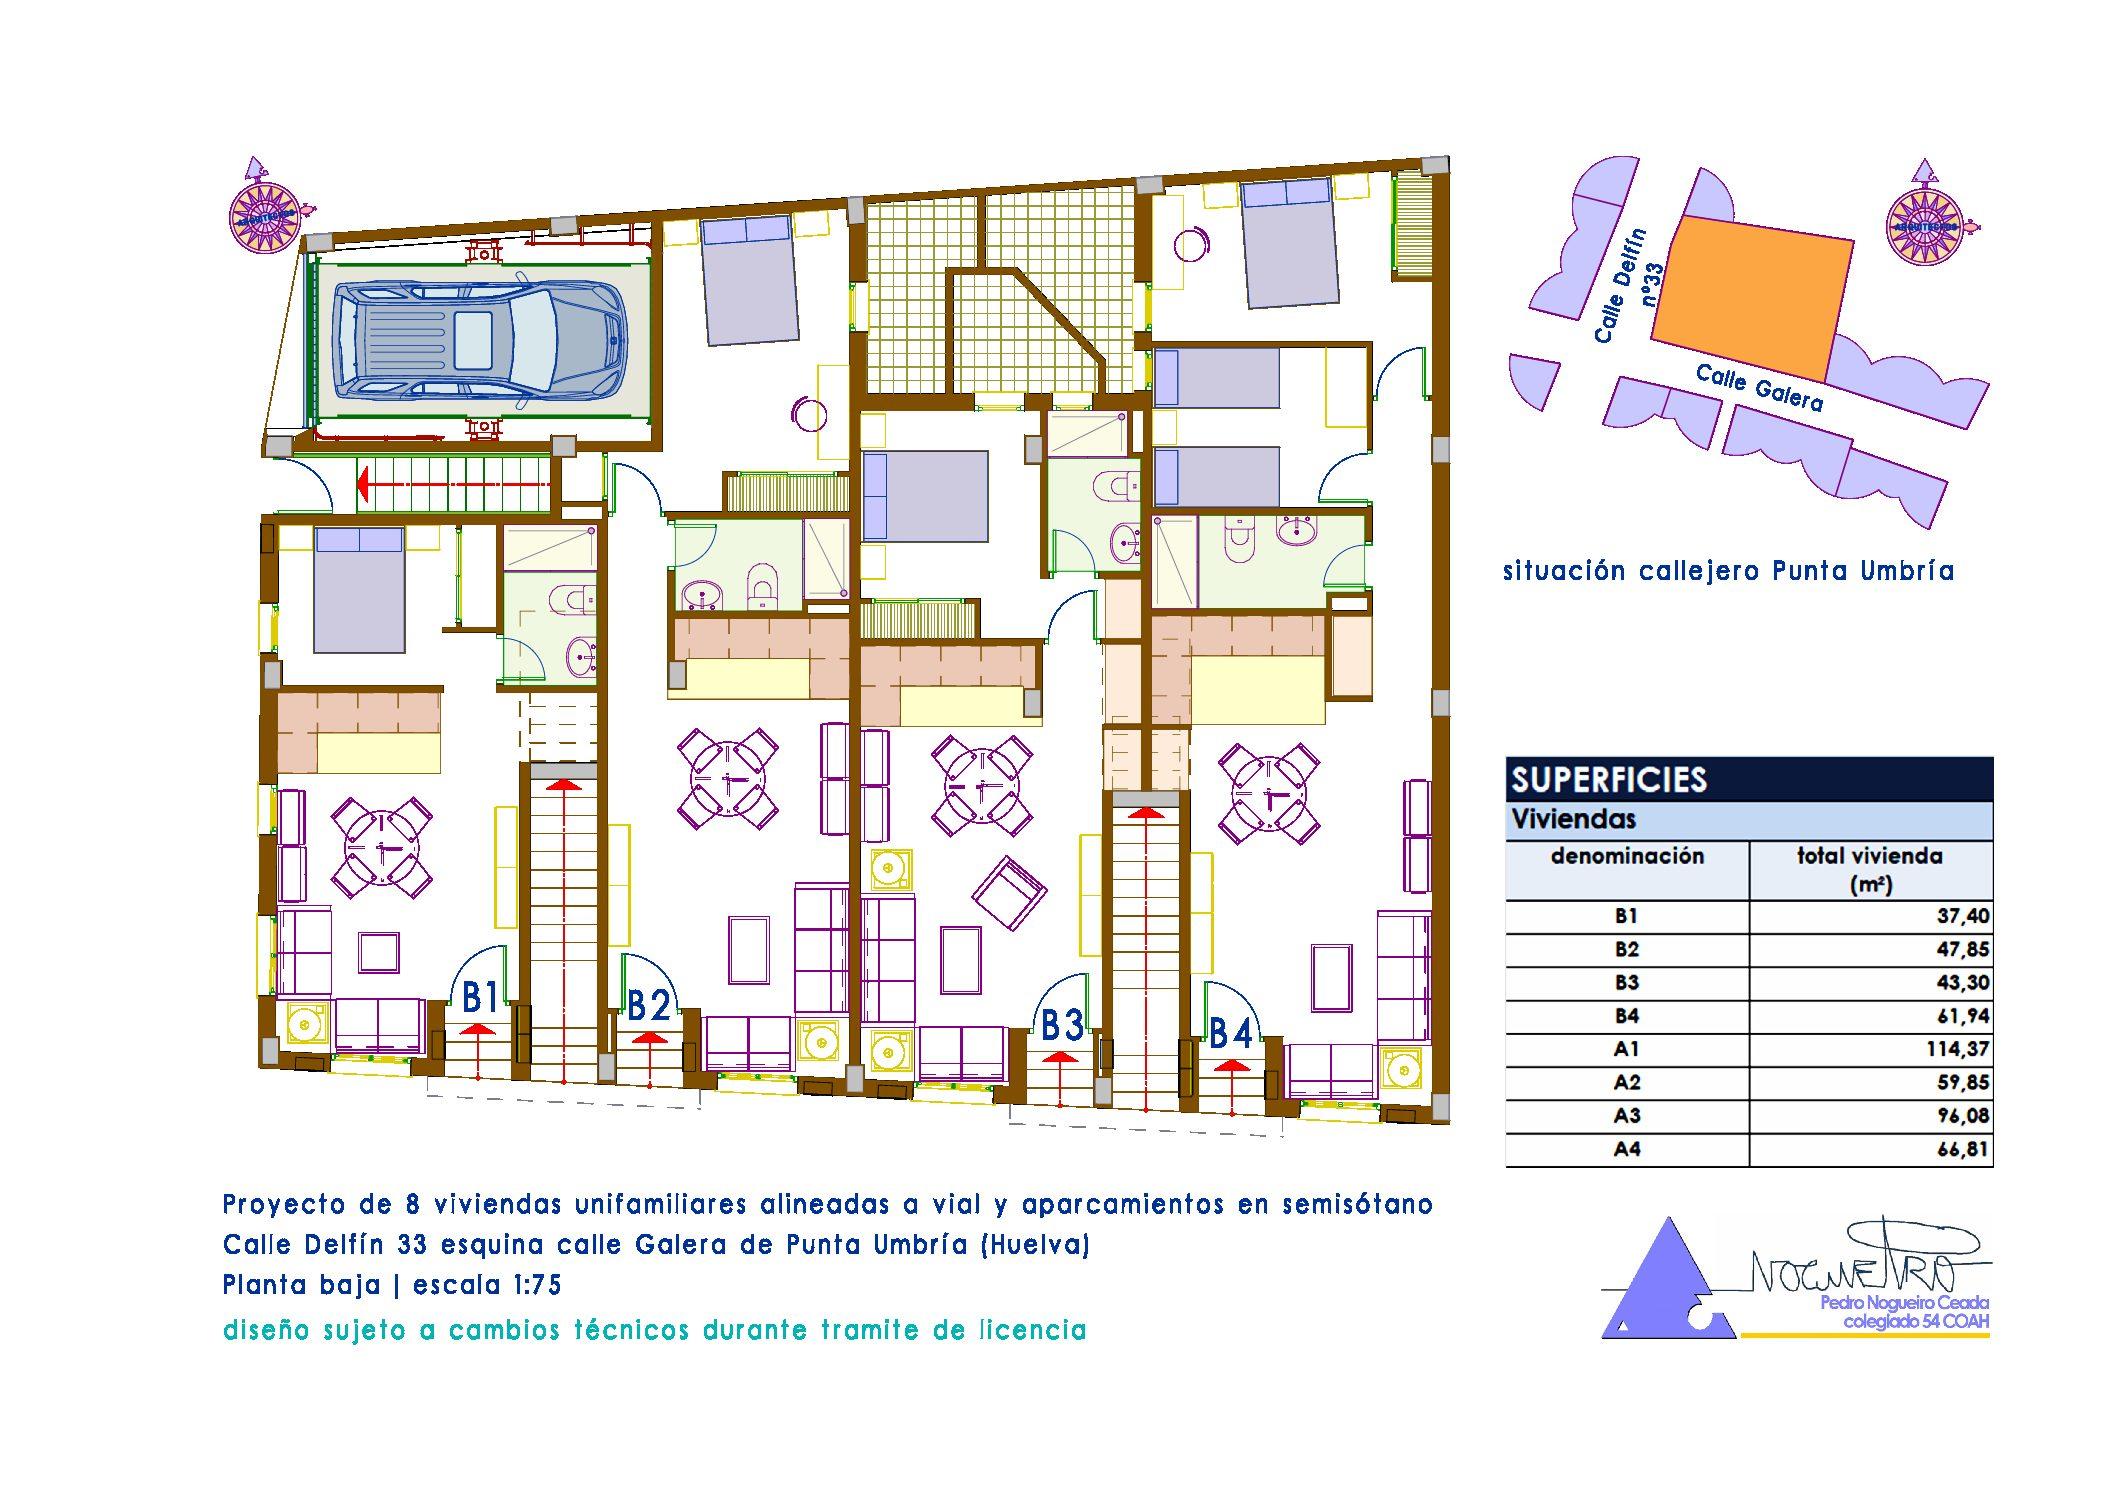 REF: 473 VIVIENDAS Y GARAJES  DE NUEVA CONSTRUCCION EN CALLE DELFIN PUNTA UMBRIA